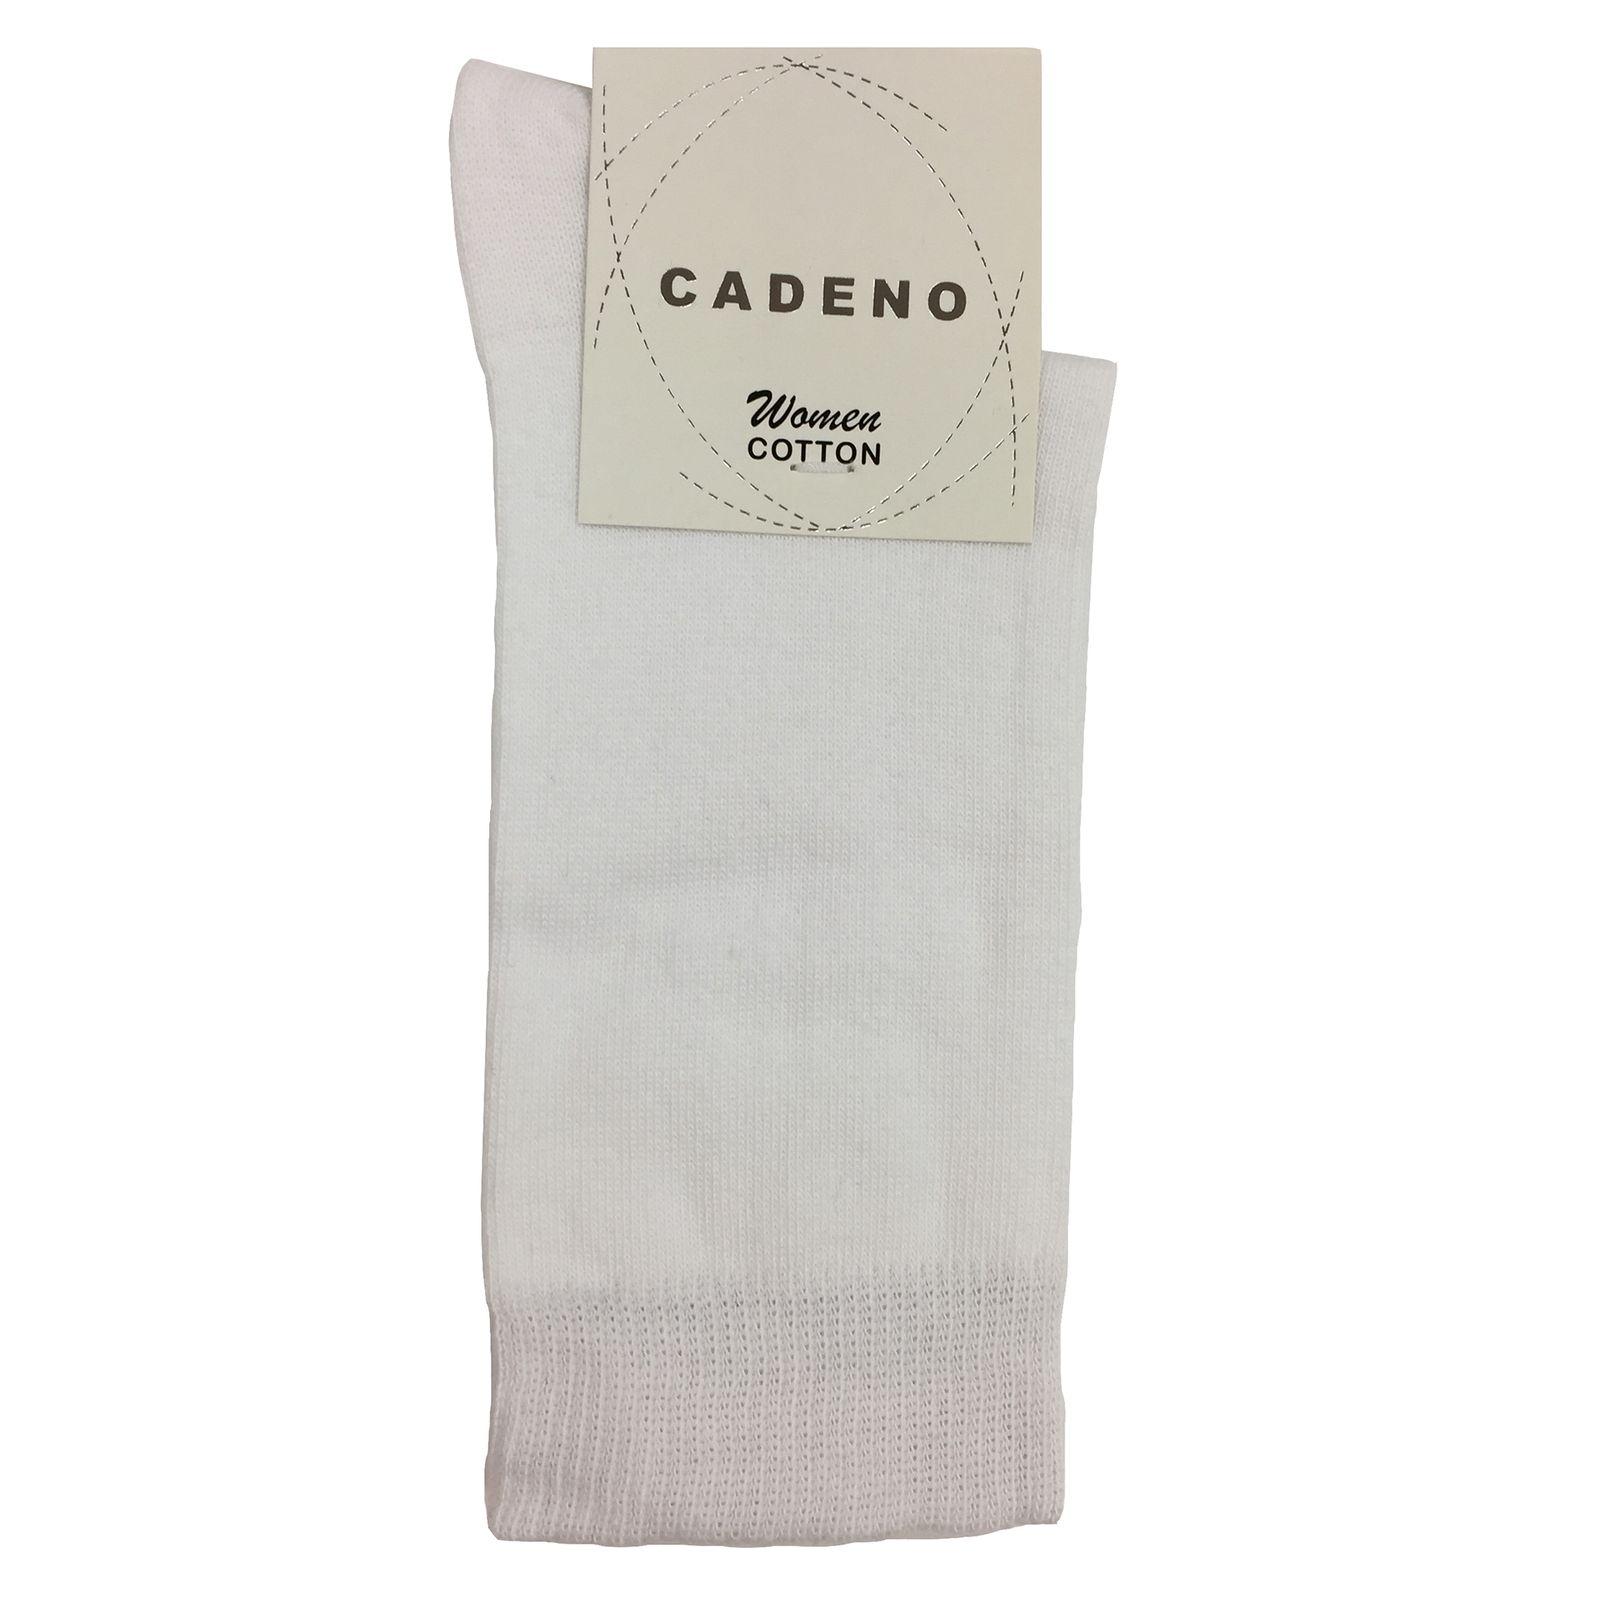 جوراب زنانه کادنو کد CAL1001 رنگ سفید -  - 2